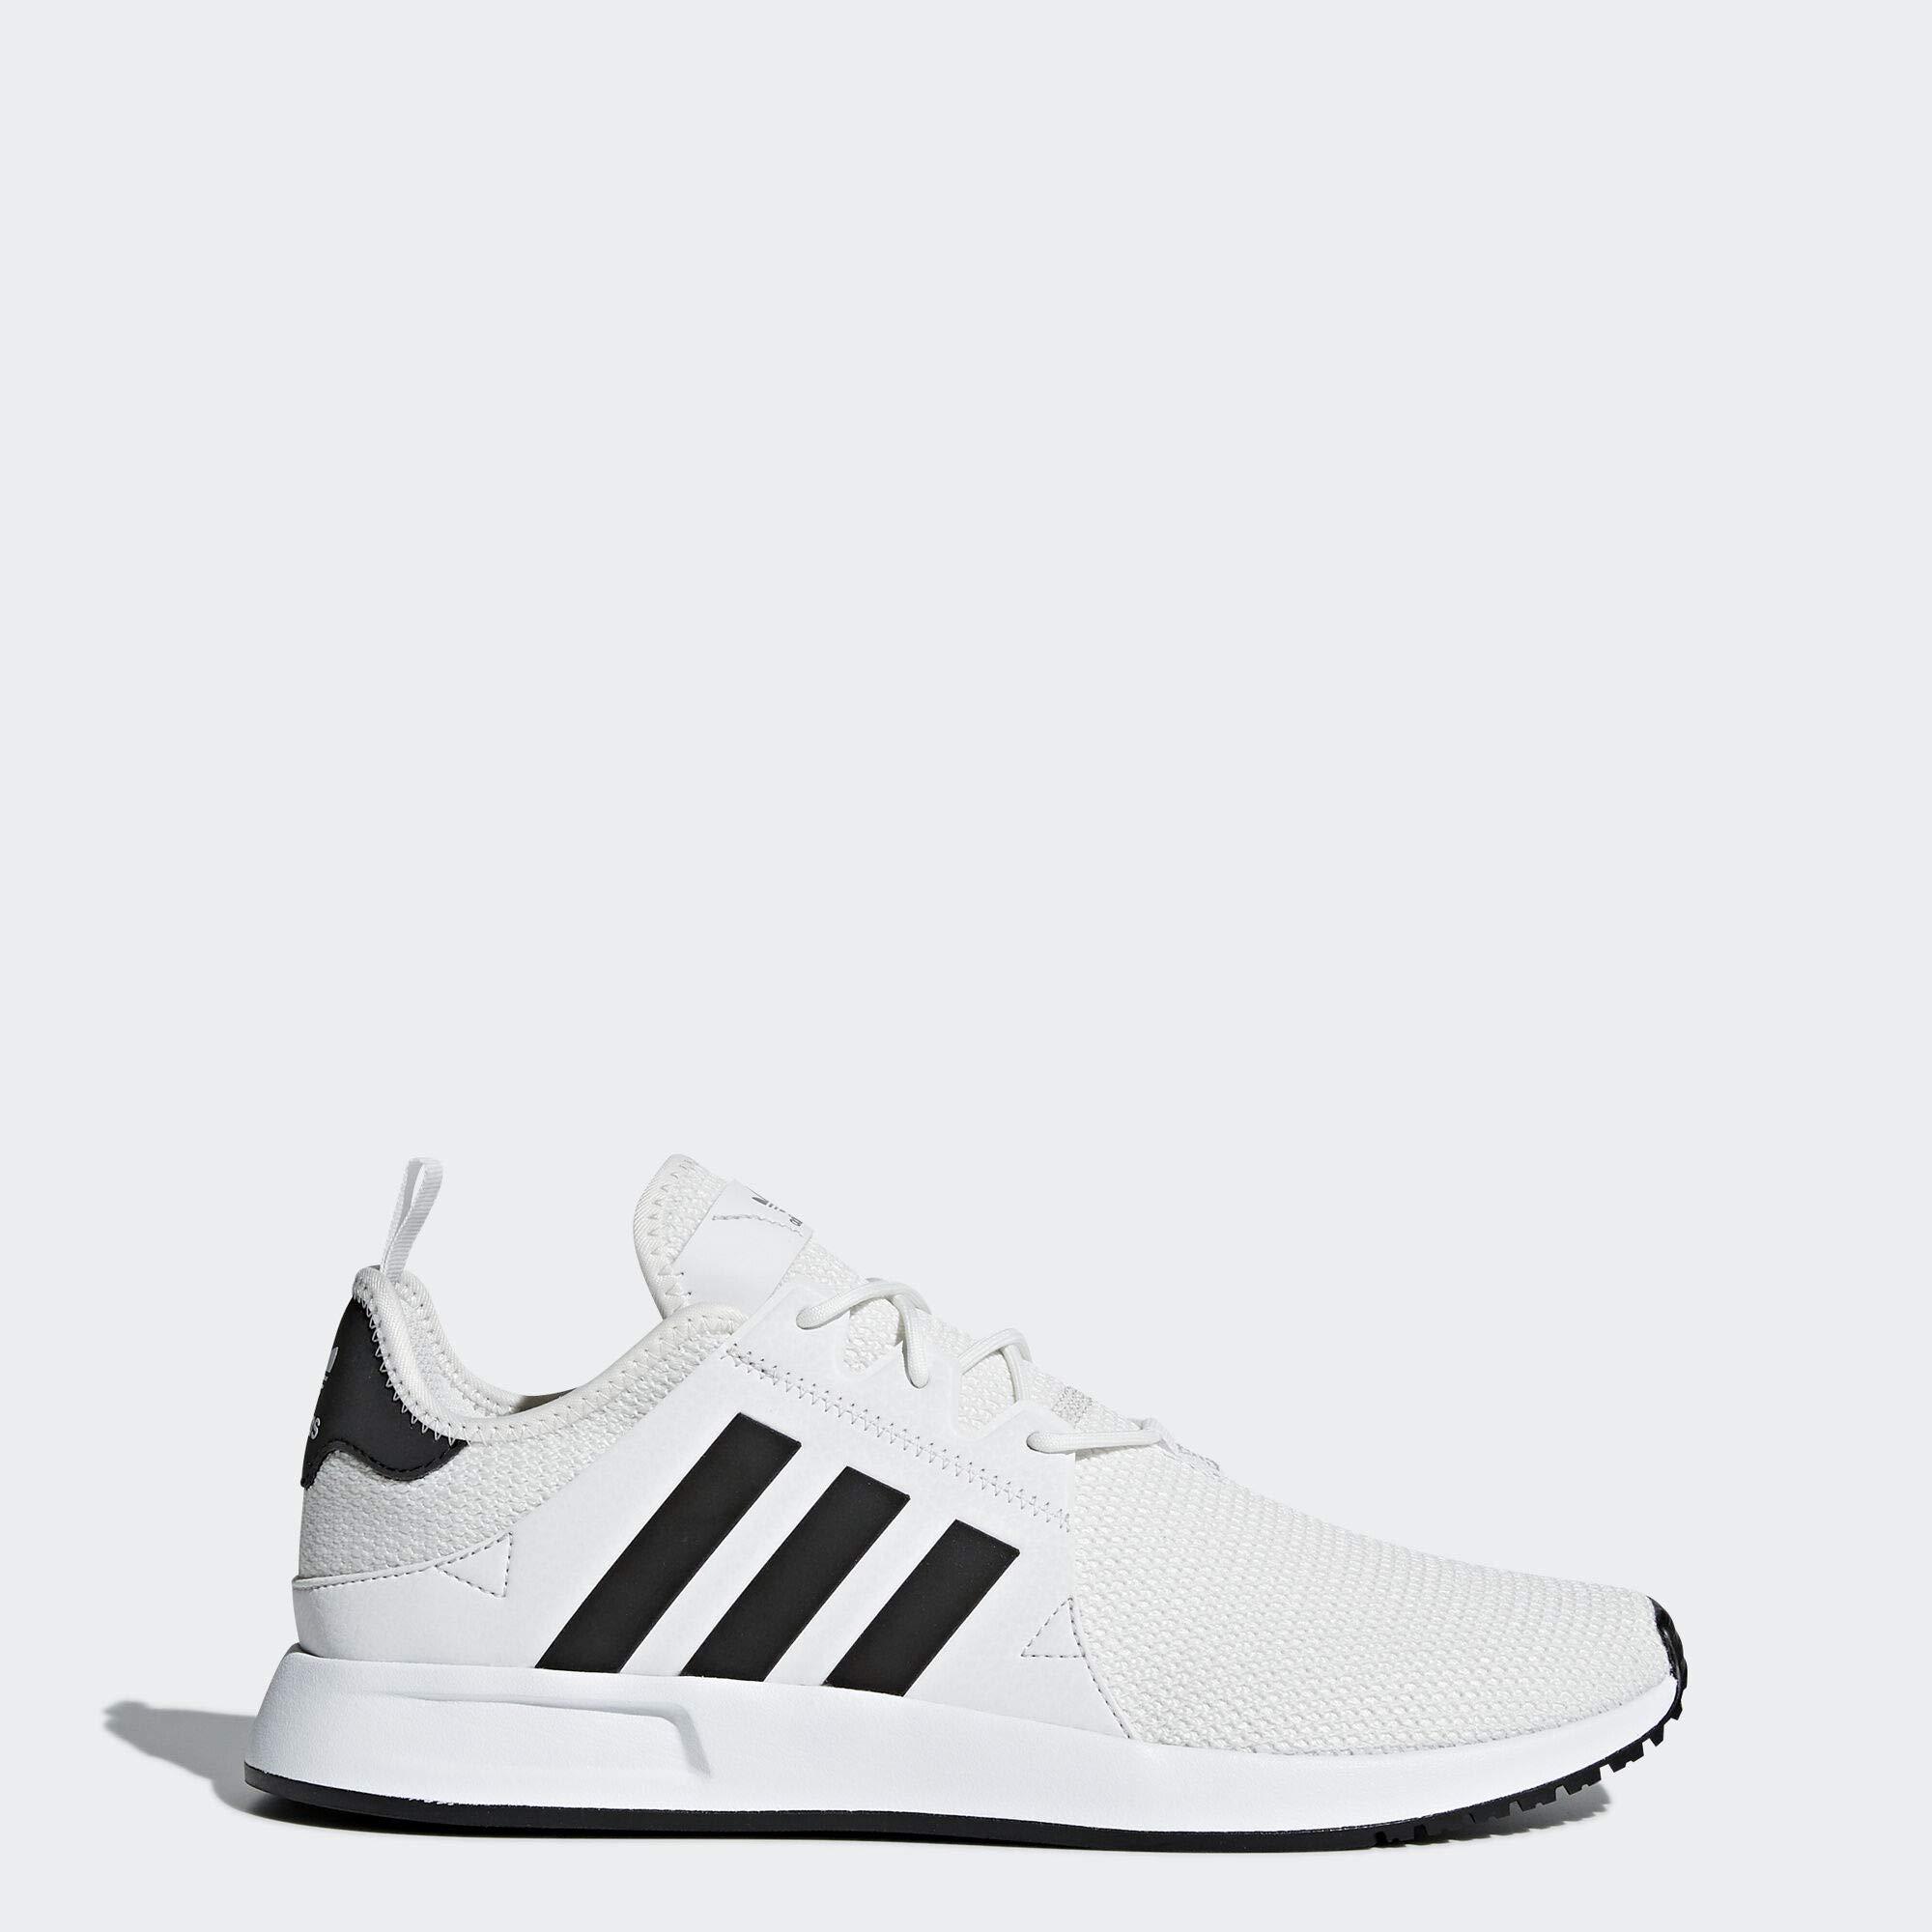 adidas Originals Men's X_PLR Running Shoe, Tint/Black/White, 11 M US by adidas Originals